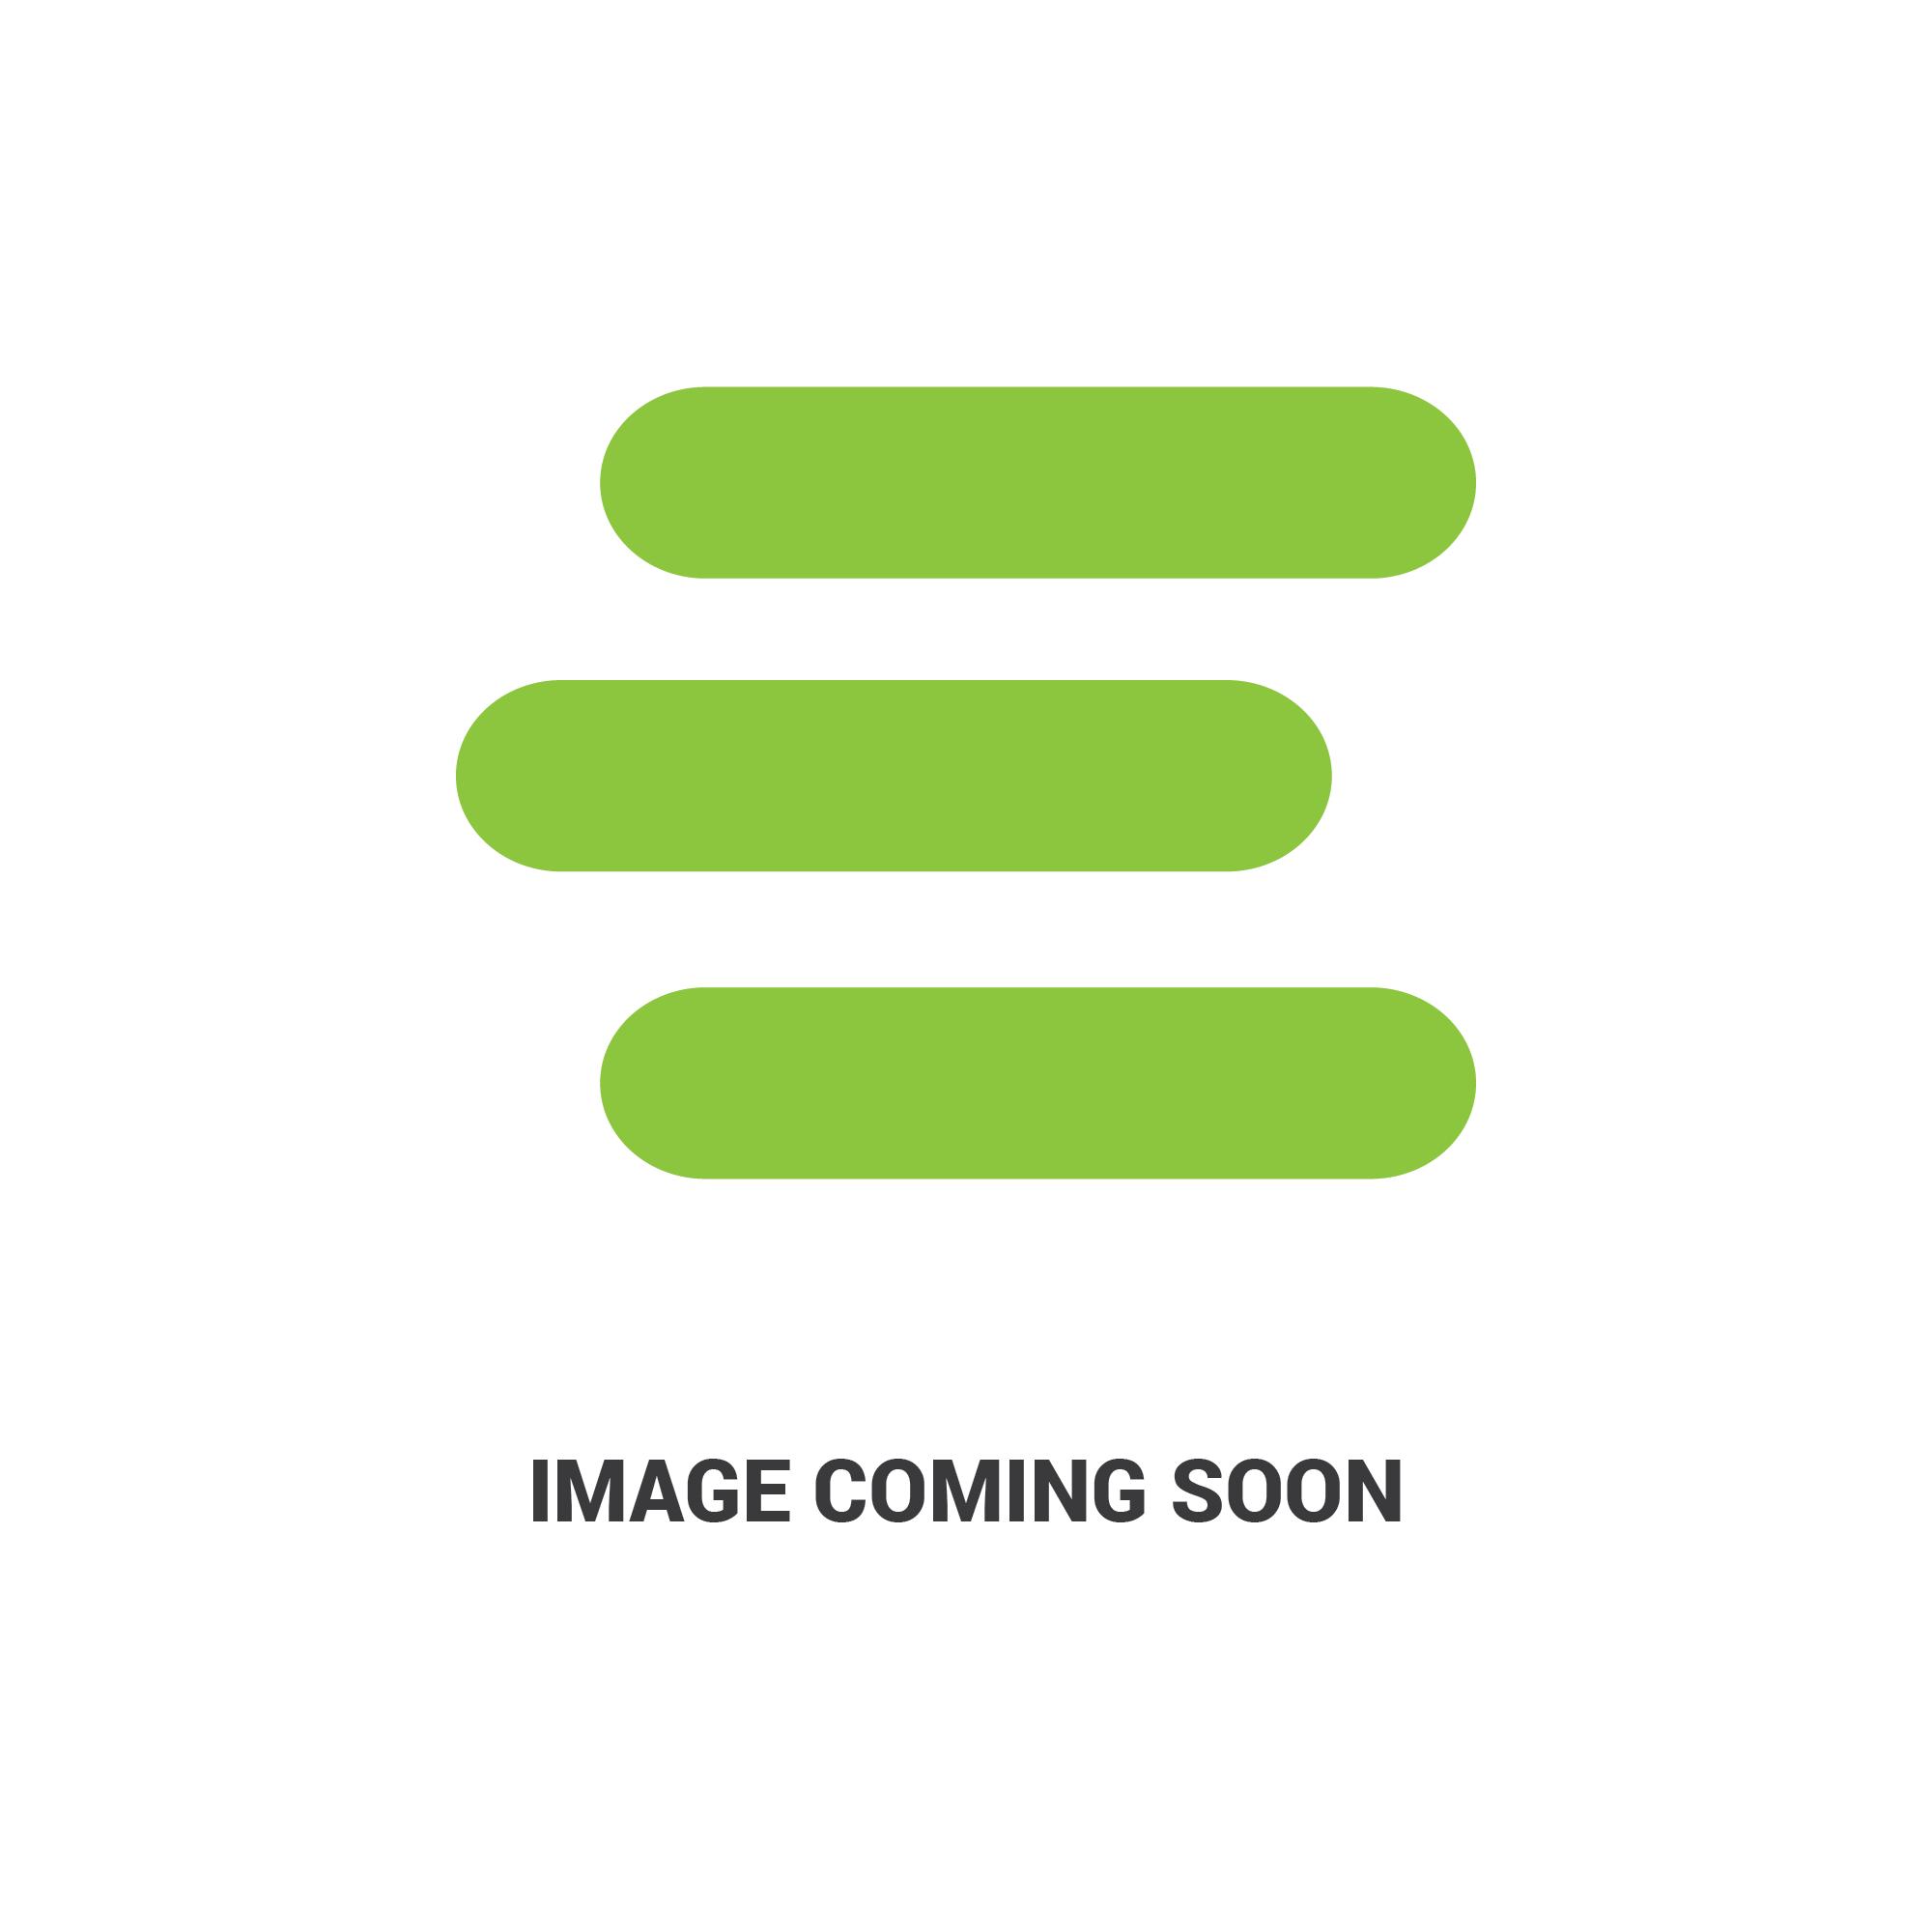 E-RE19081edit 1.jpg